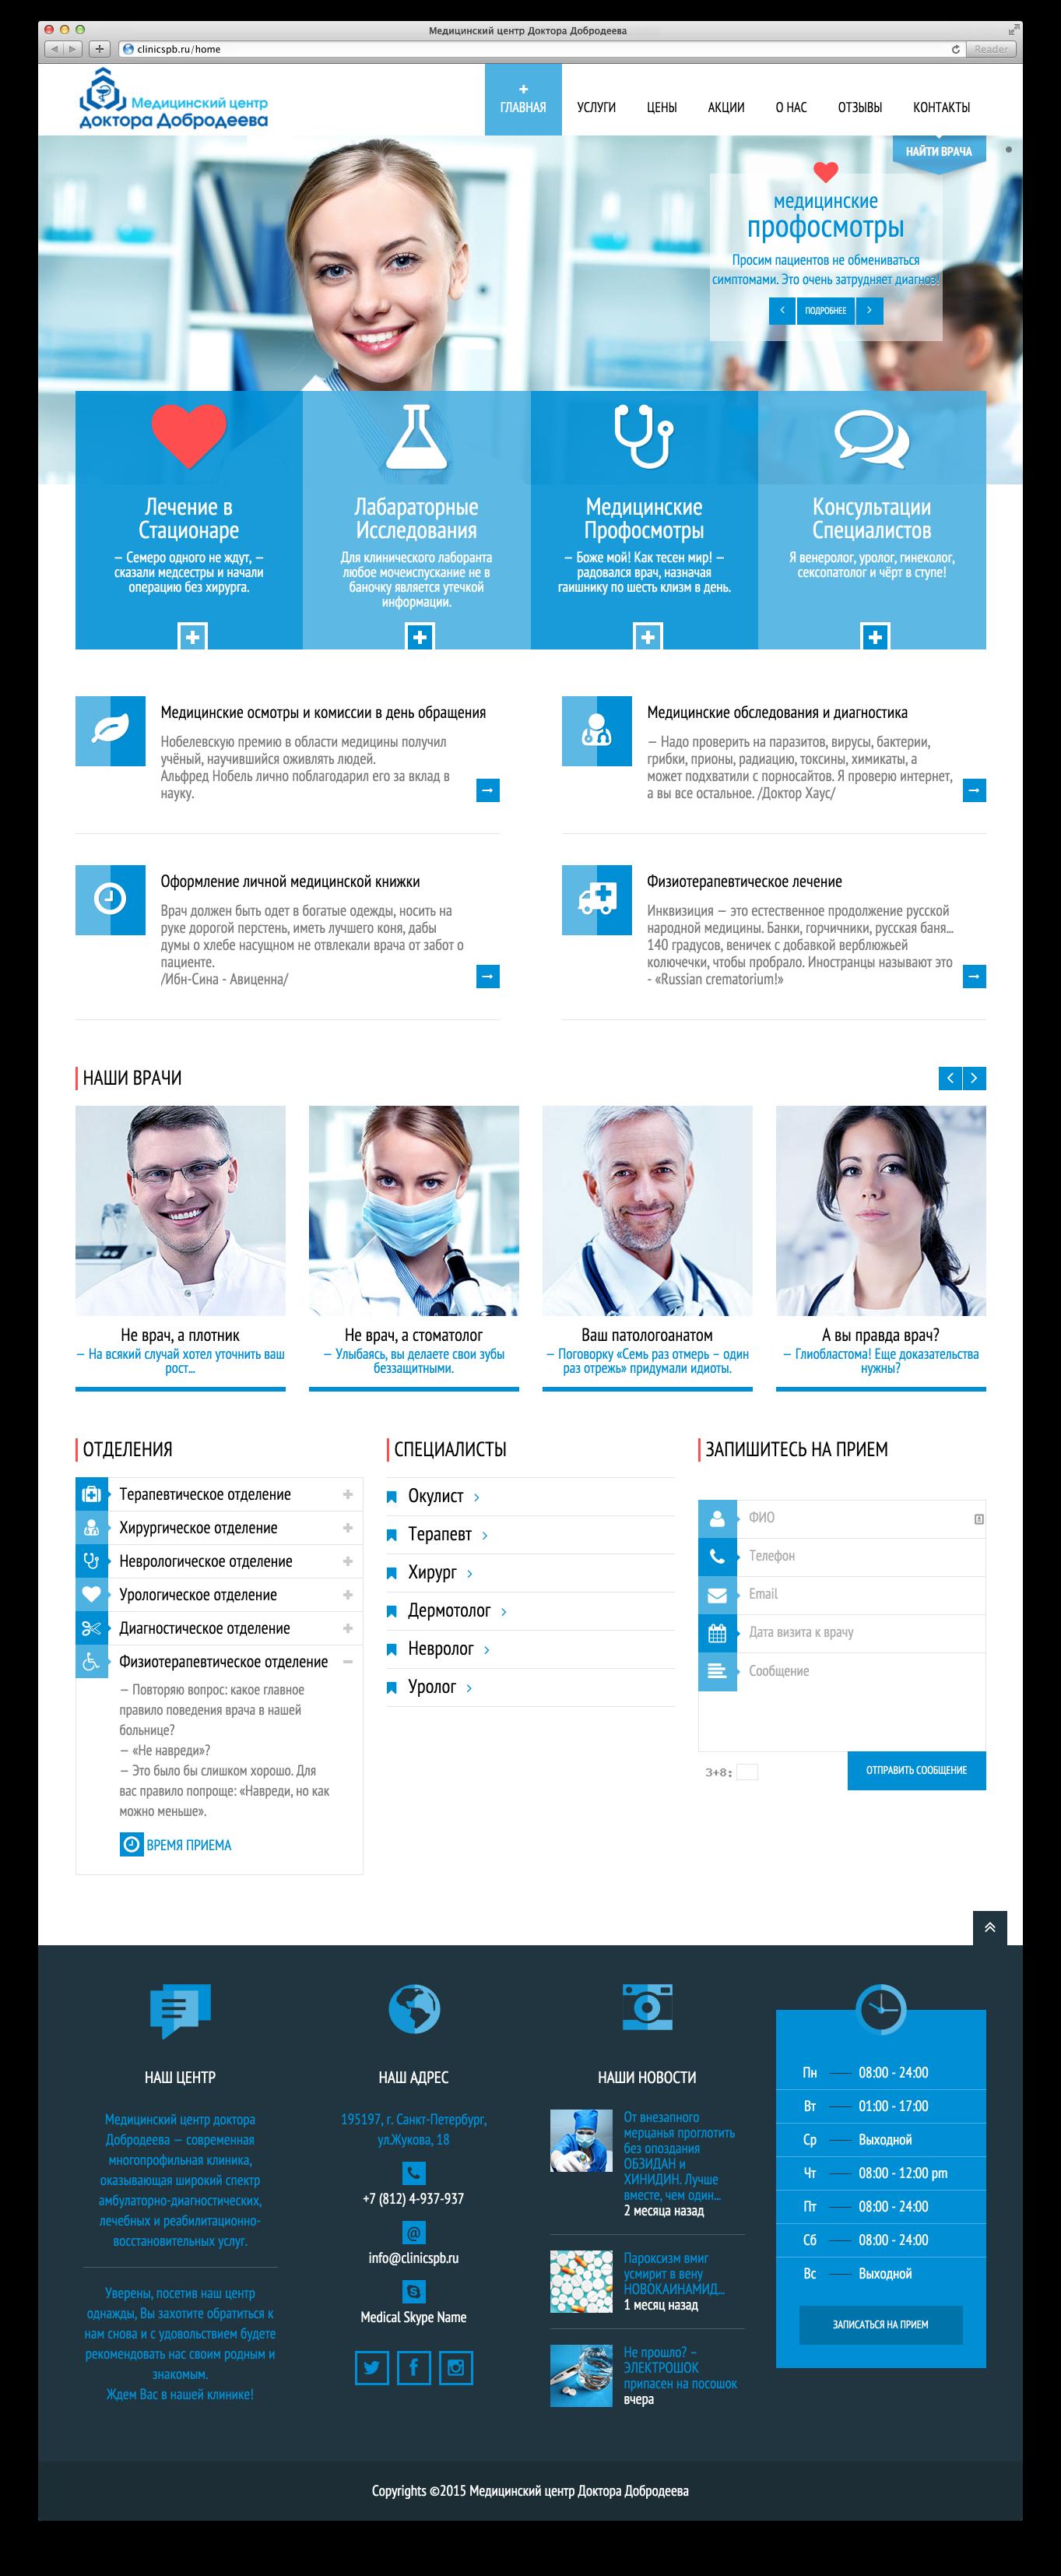 Сайт коммерческого медицинского учреждения / Описание услуг, поиск врача, запись на прием